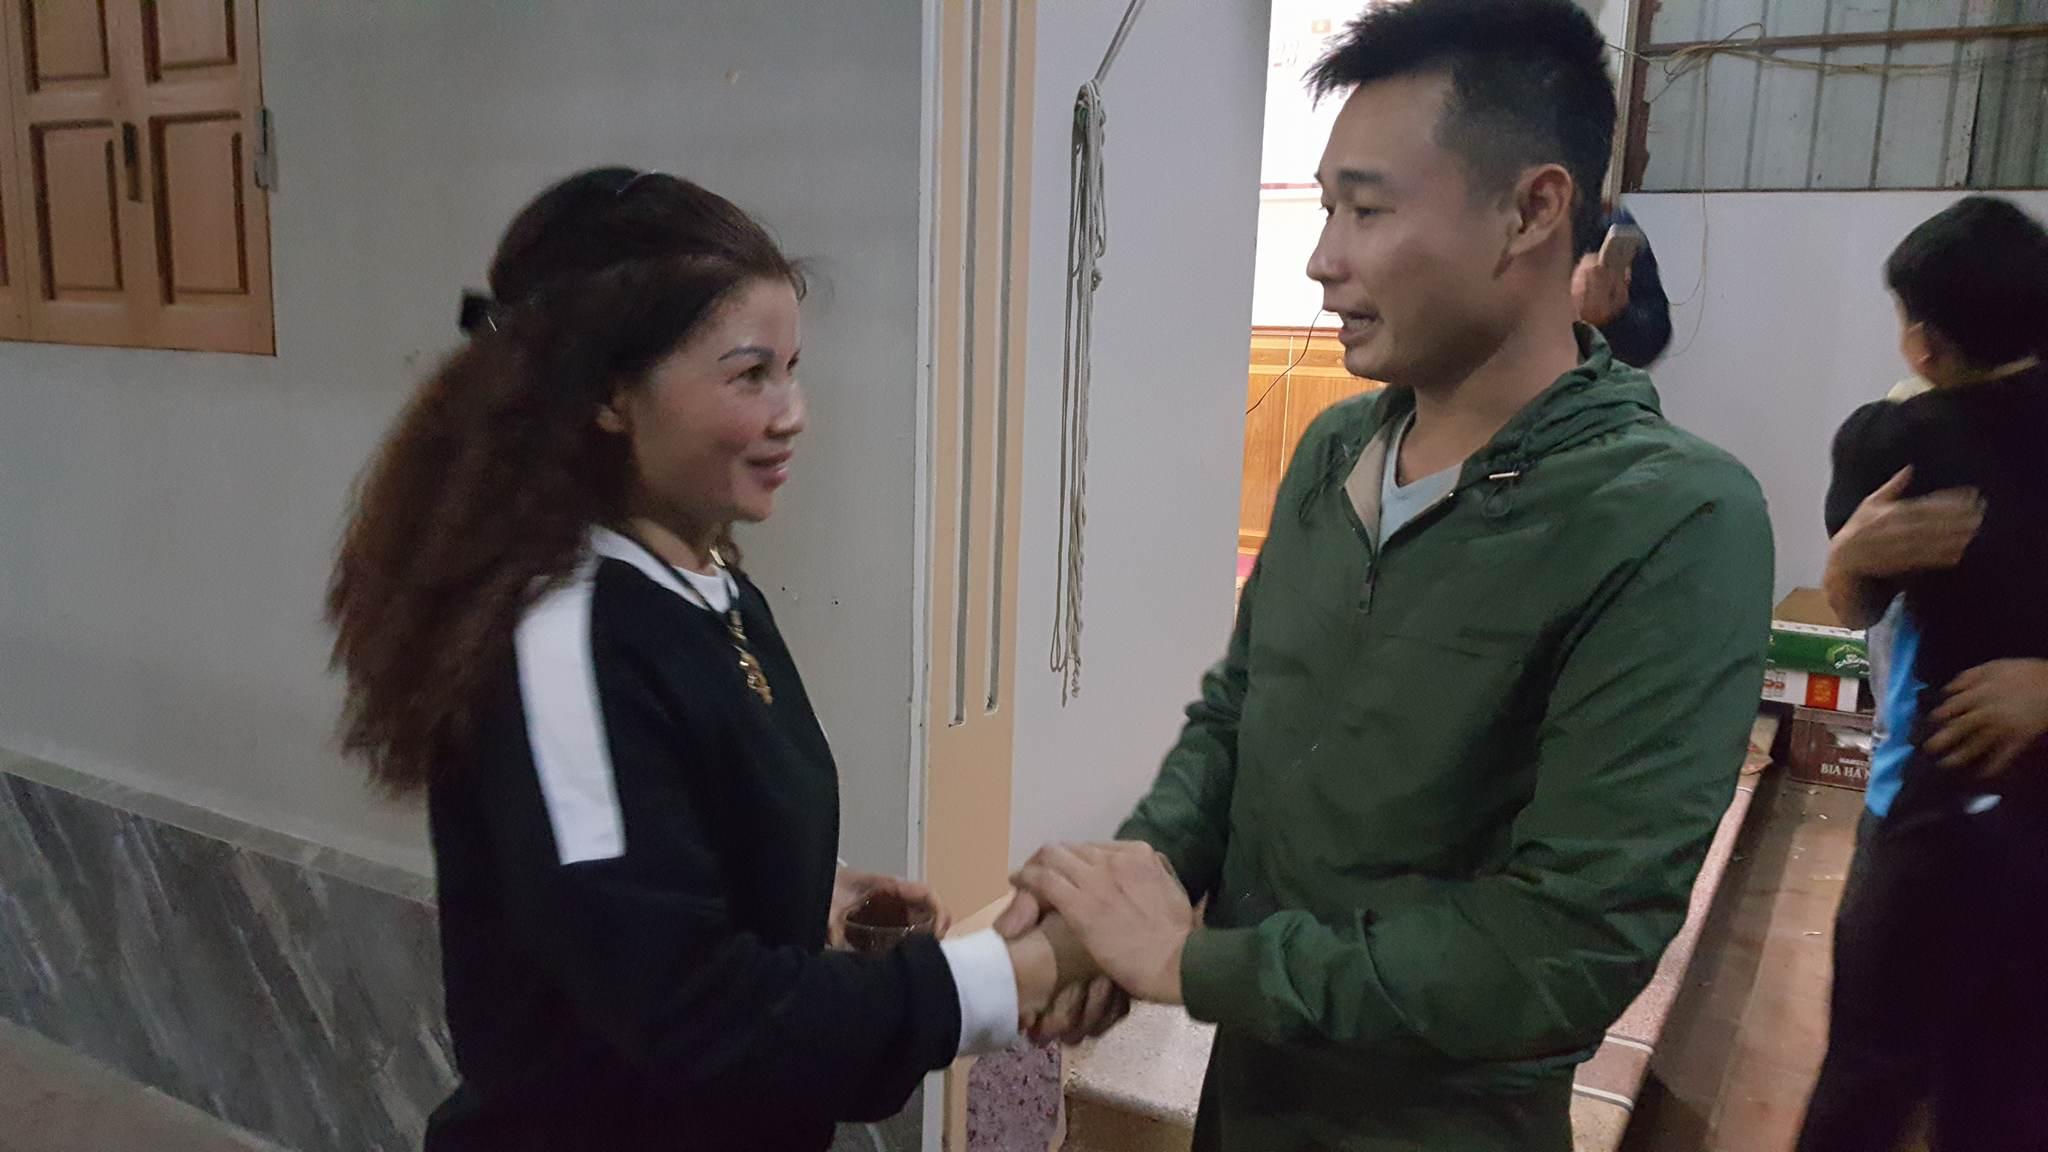 Bà Cúc - mẹ Quang Hải, đang nhận lời chúc mừng từ bạn bè. Ảnh: Diệu Bình